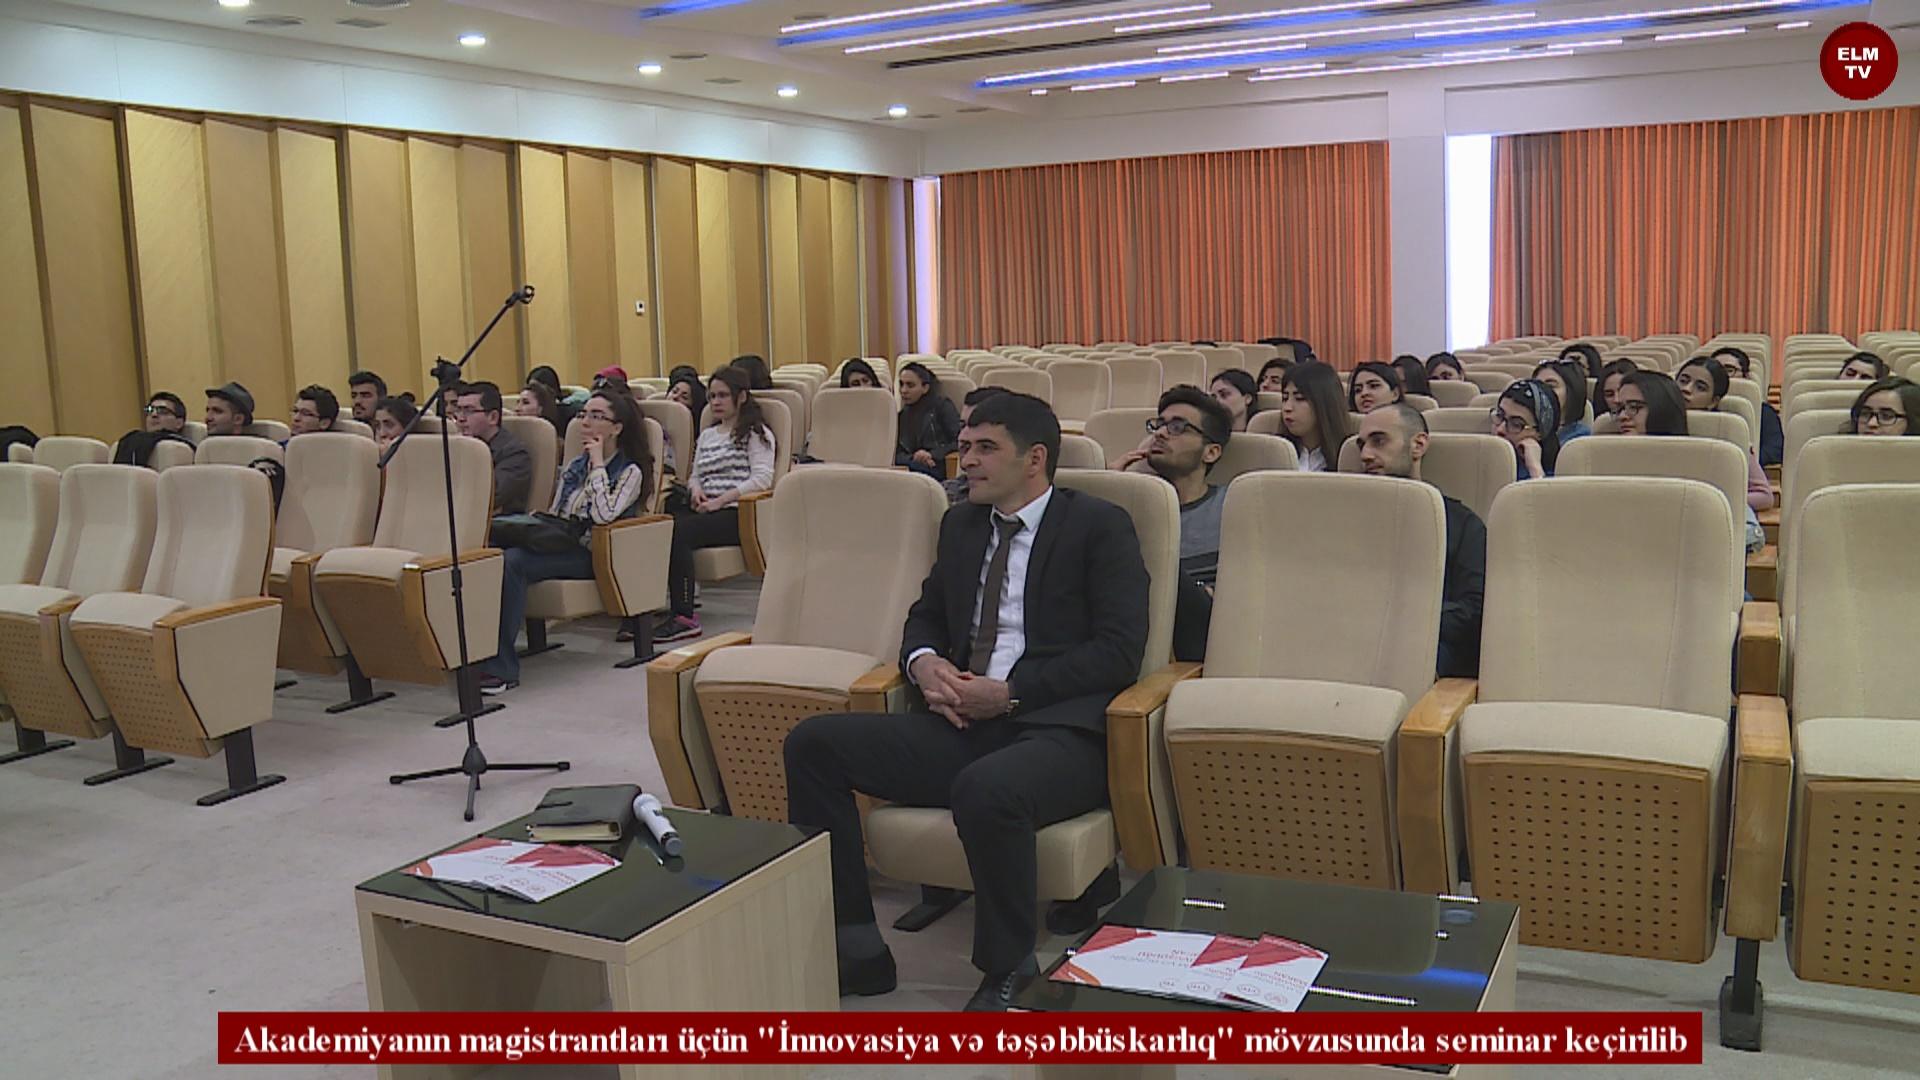 """Akademiyanın magistrantları üçün """"İnnovasiya və təşəbbüskarlıq"""" mövzusunda seminar keçirilib"""